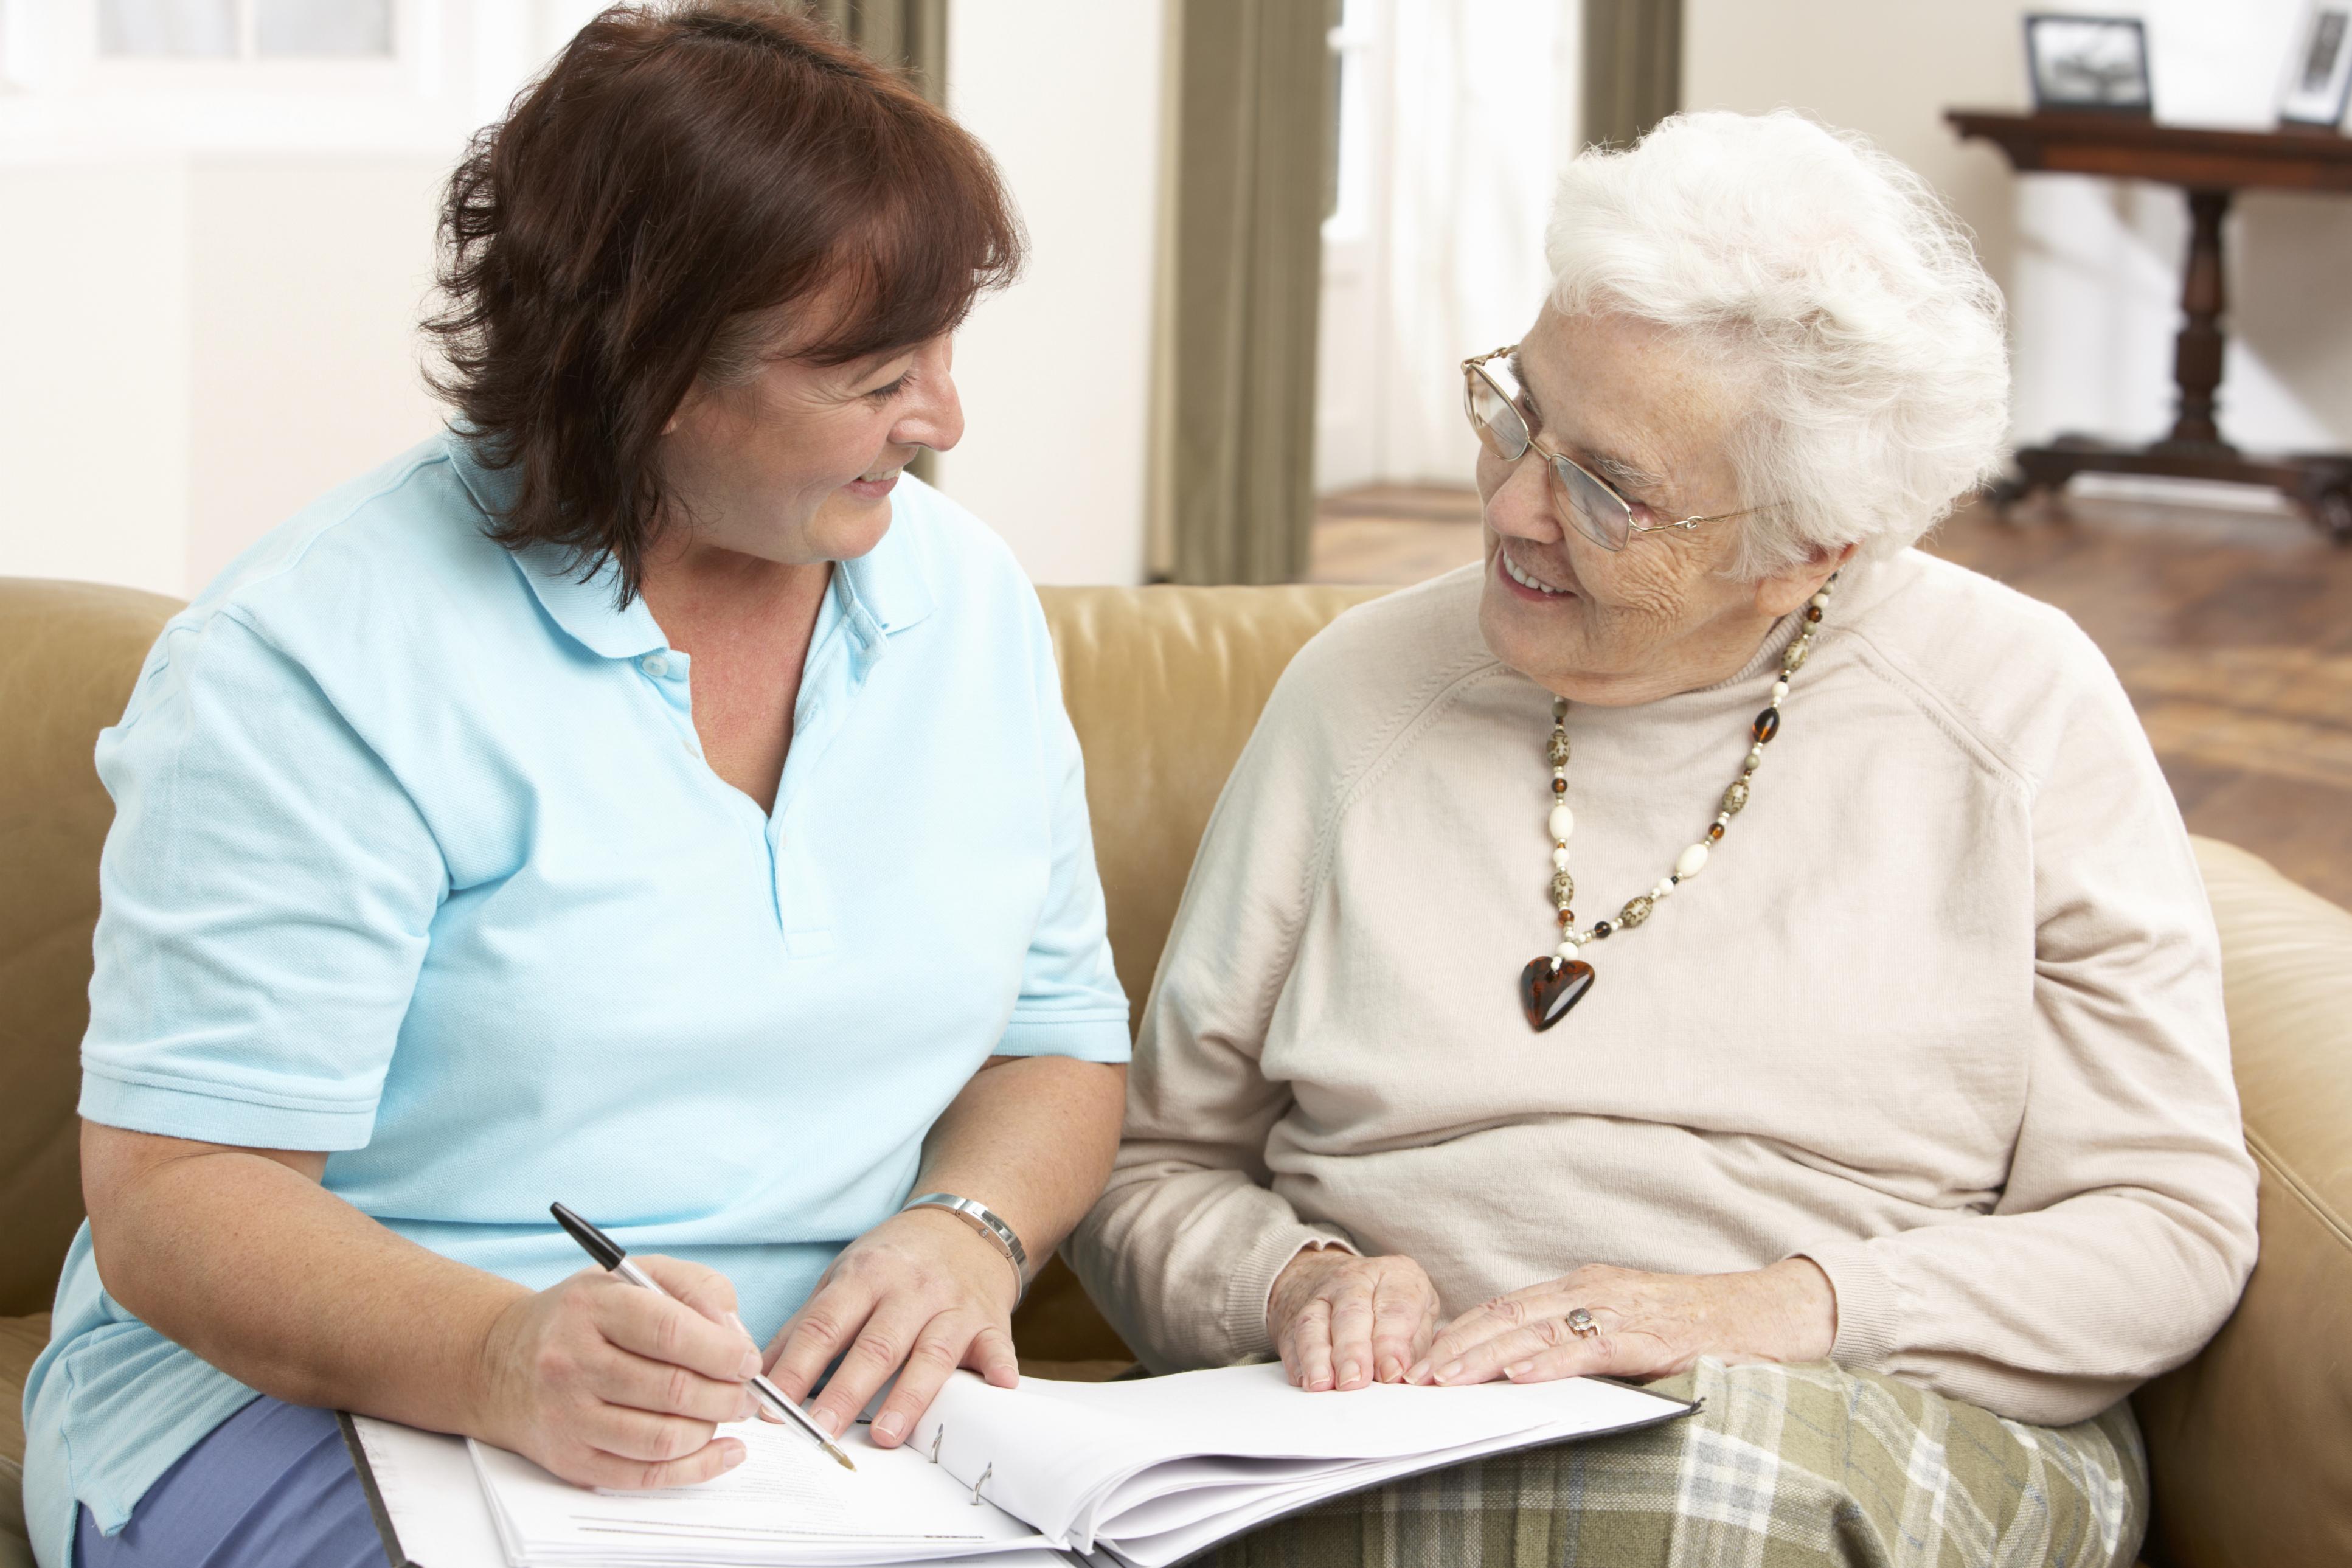 seniorlivingwomentalking